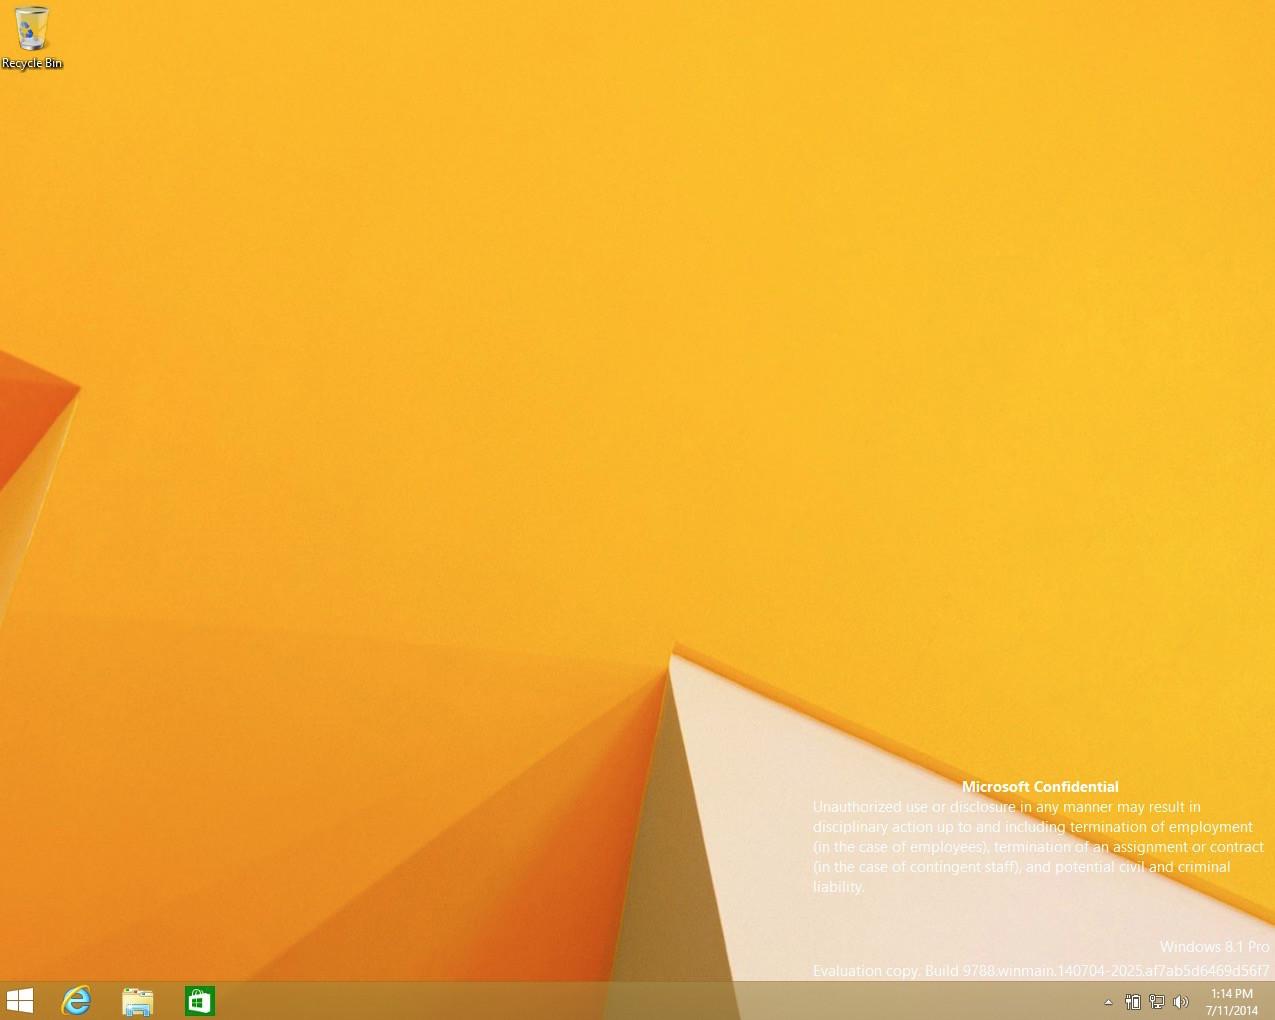 1_screen_shot_2014-07-11_at_8.14.16_pm